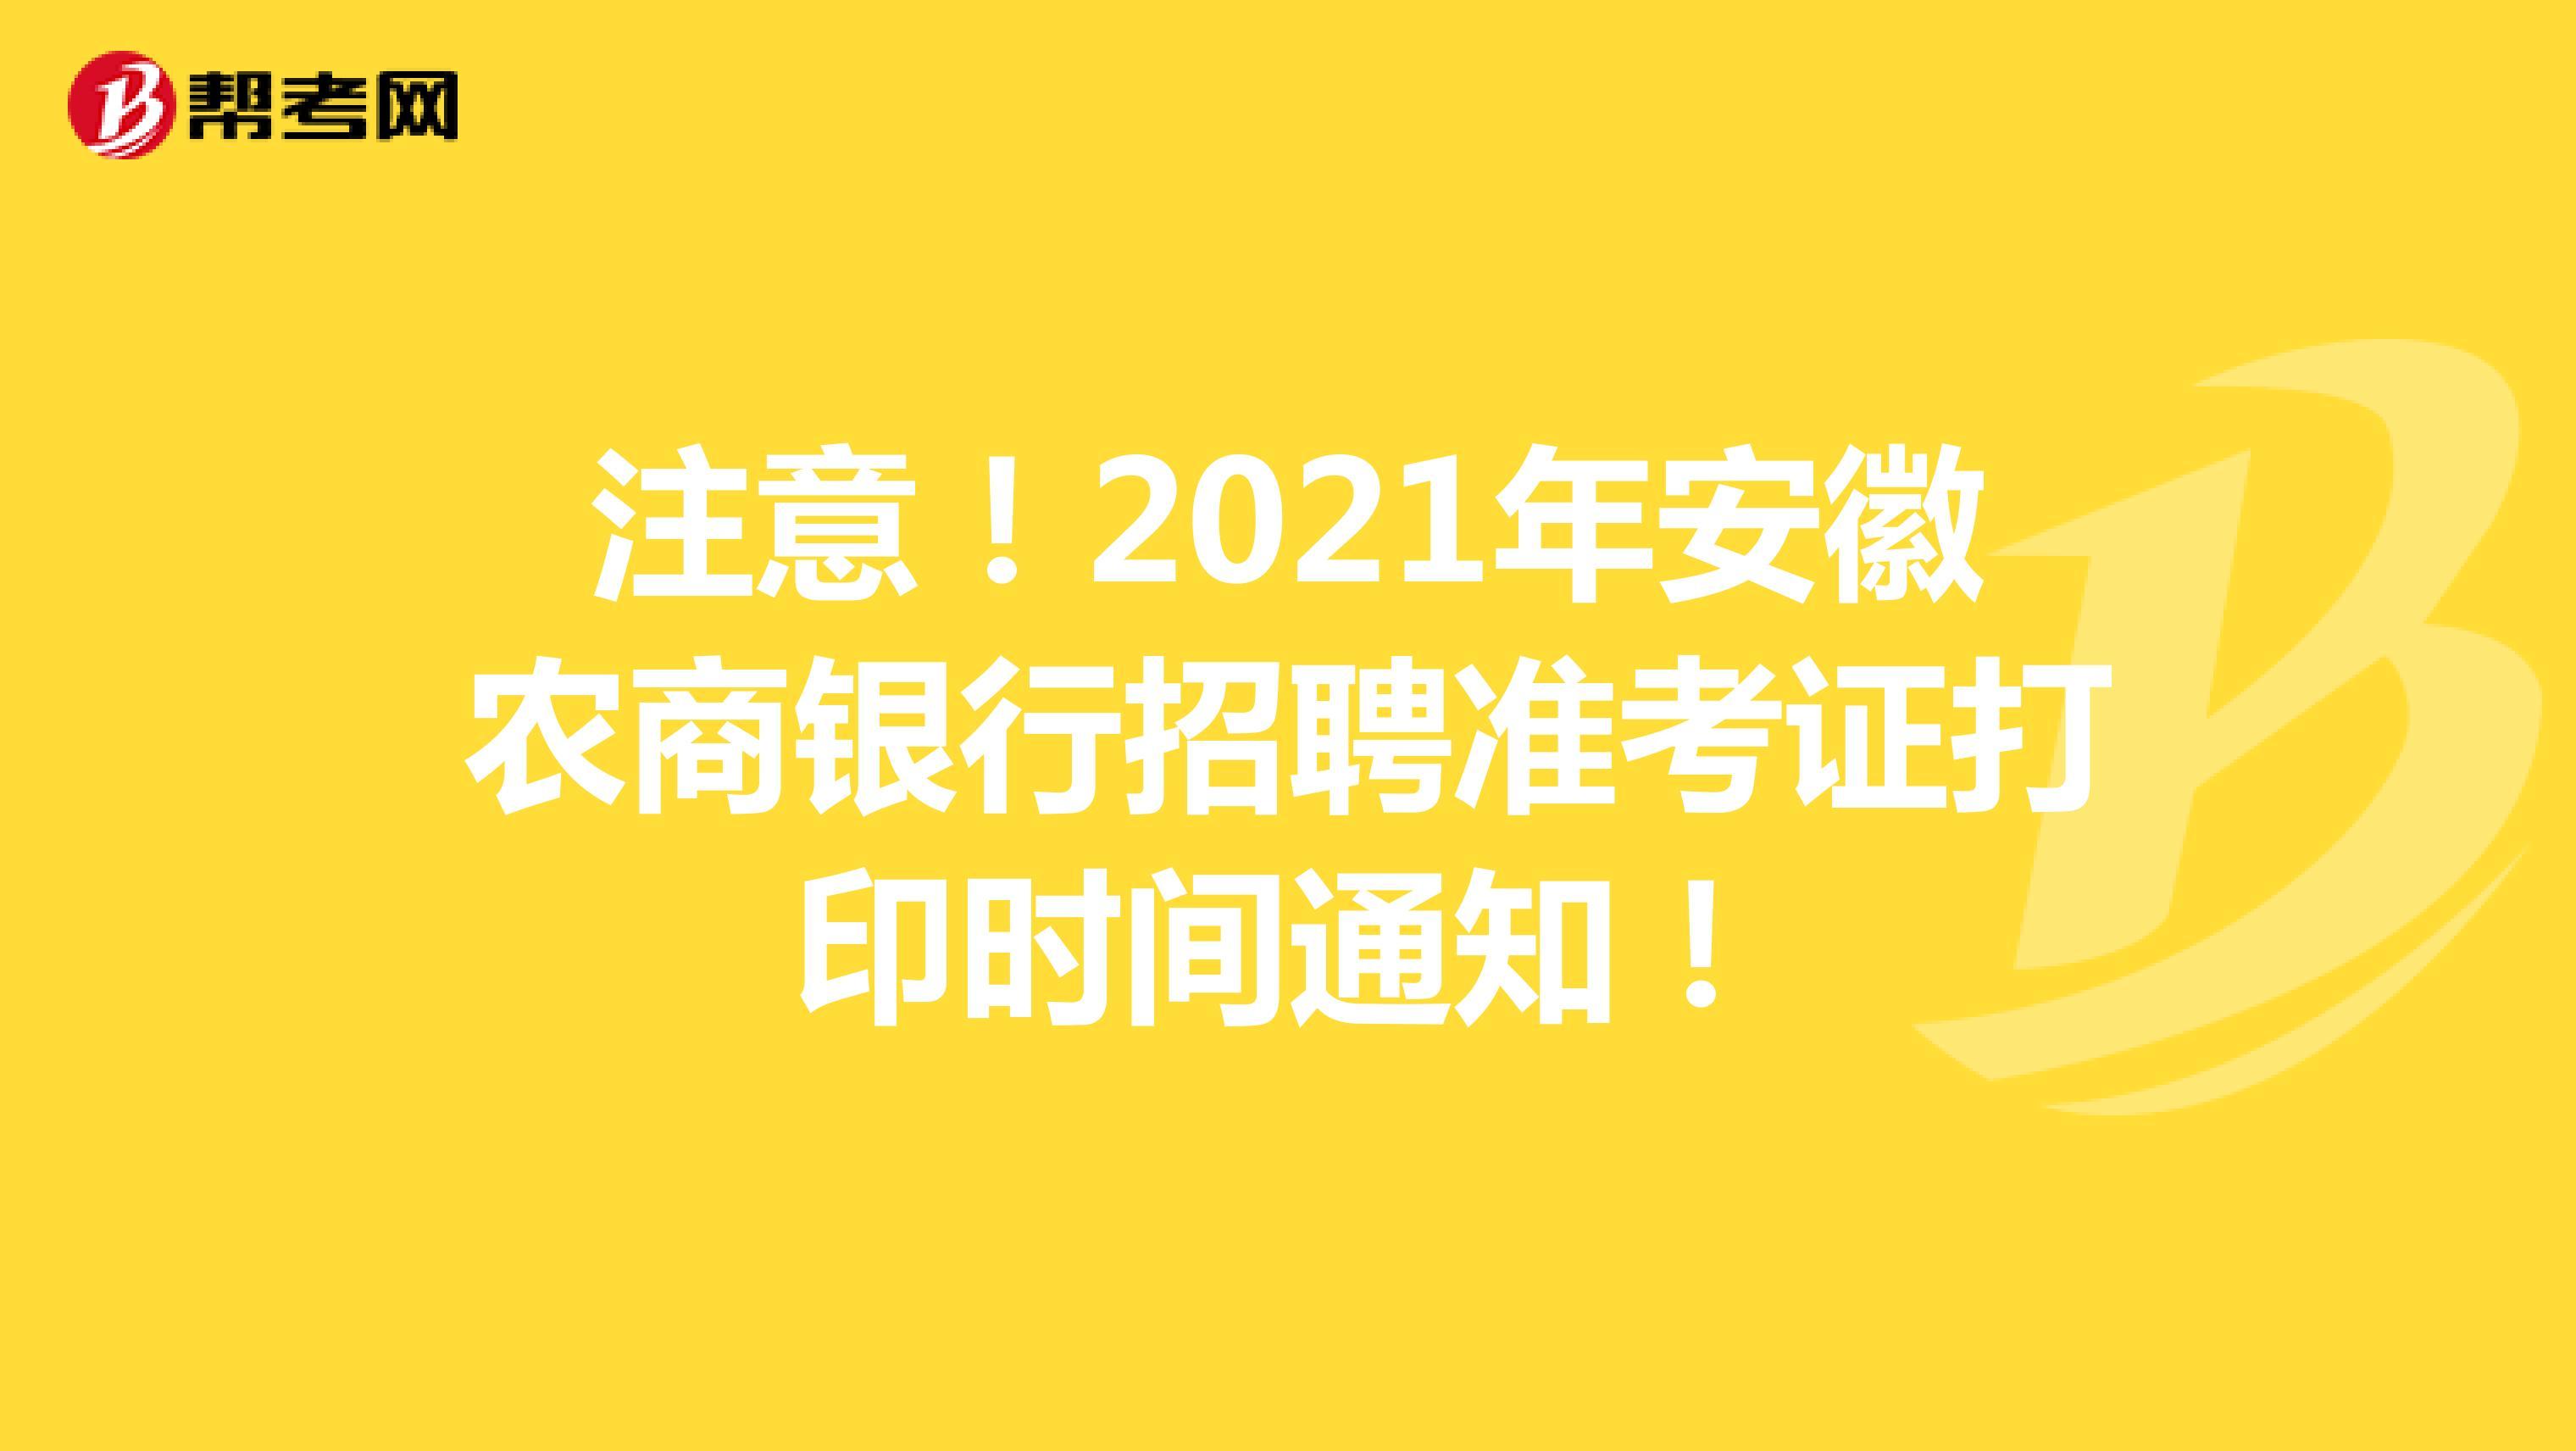 注意!2021年安徽农商银行招聘准考证打印时间通知!